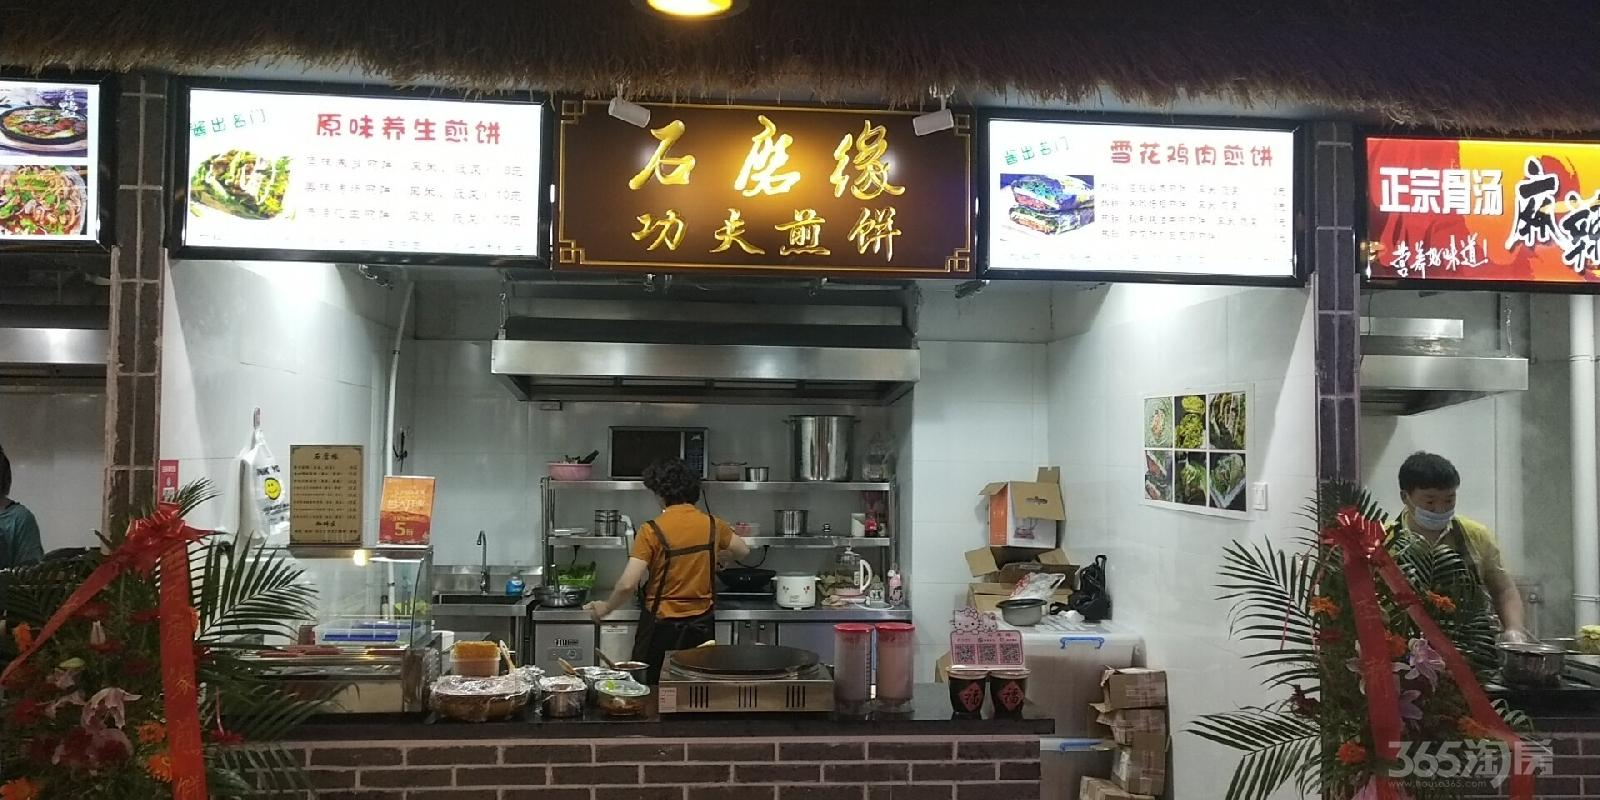 低价 超低价转城隍庙正门口美食广场店铺